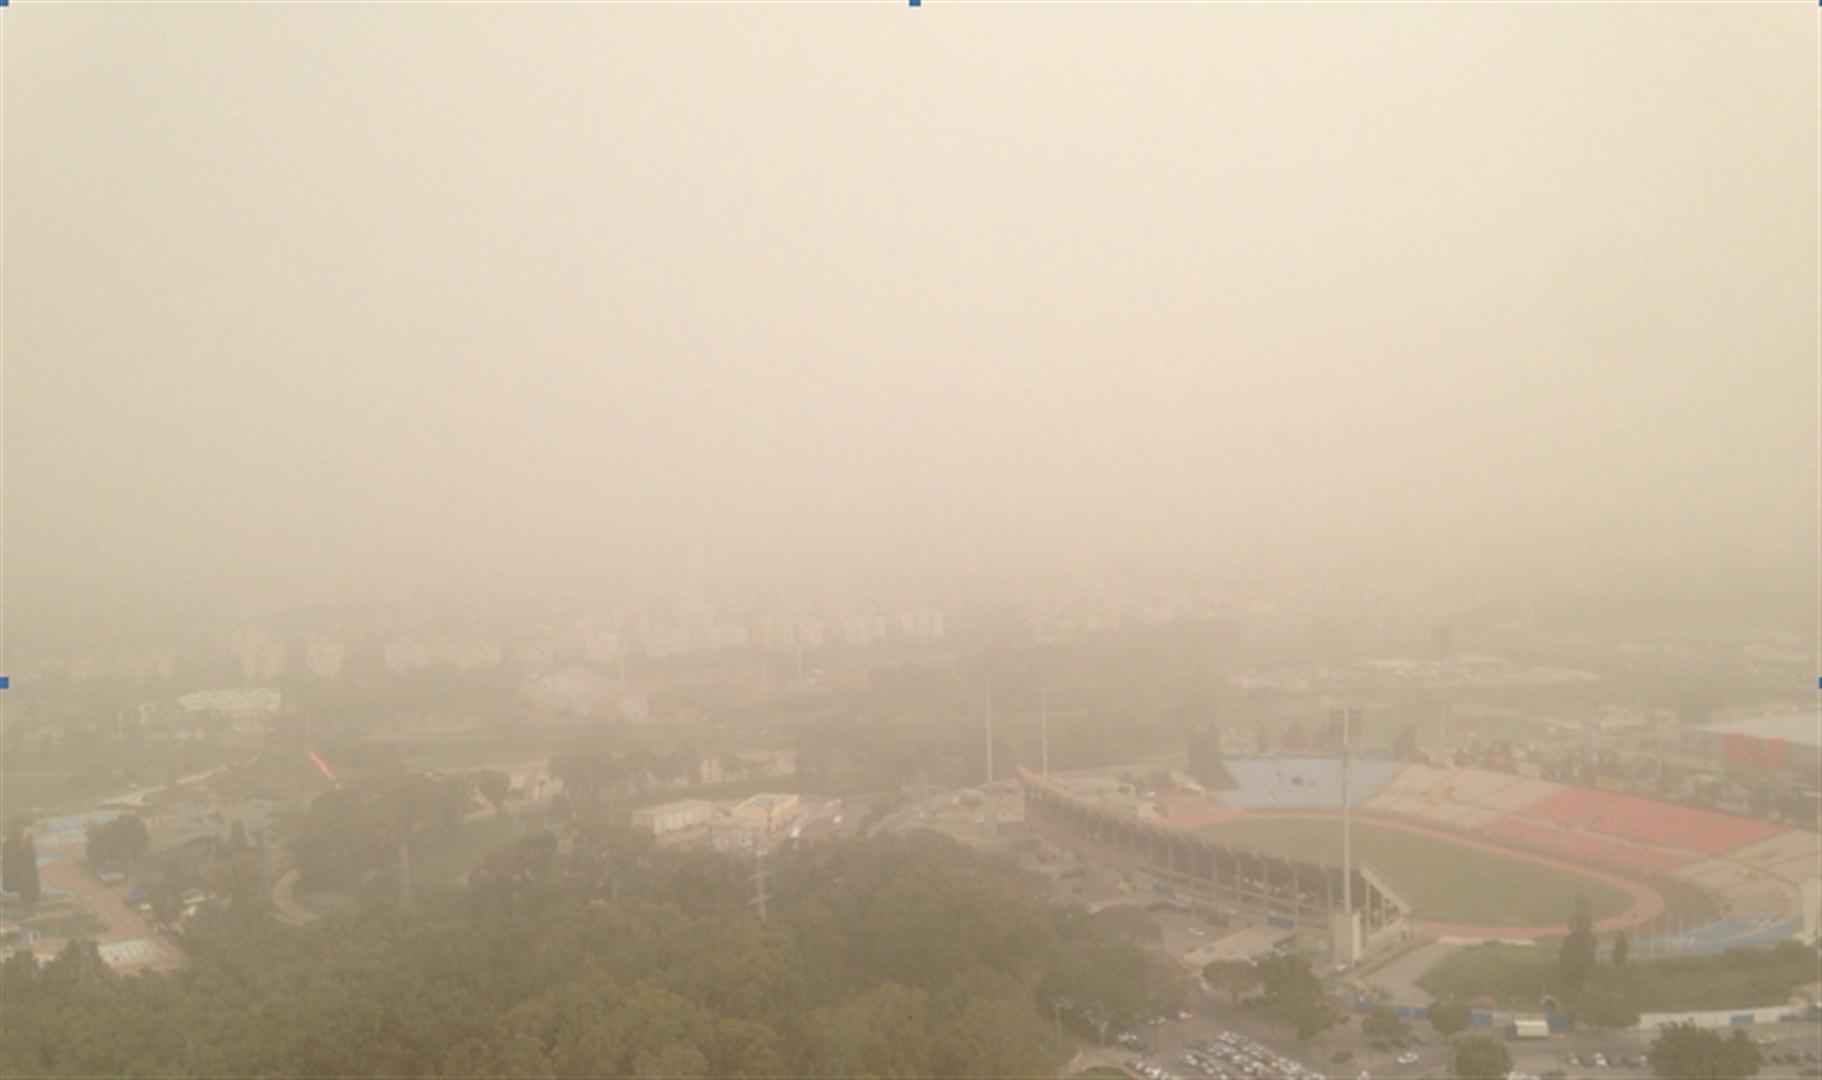 החול מכסה את איצטדיון רמת גן (צילום: עופר שחטר אריאל פרומול ניהול קניונים בע״מ)